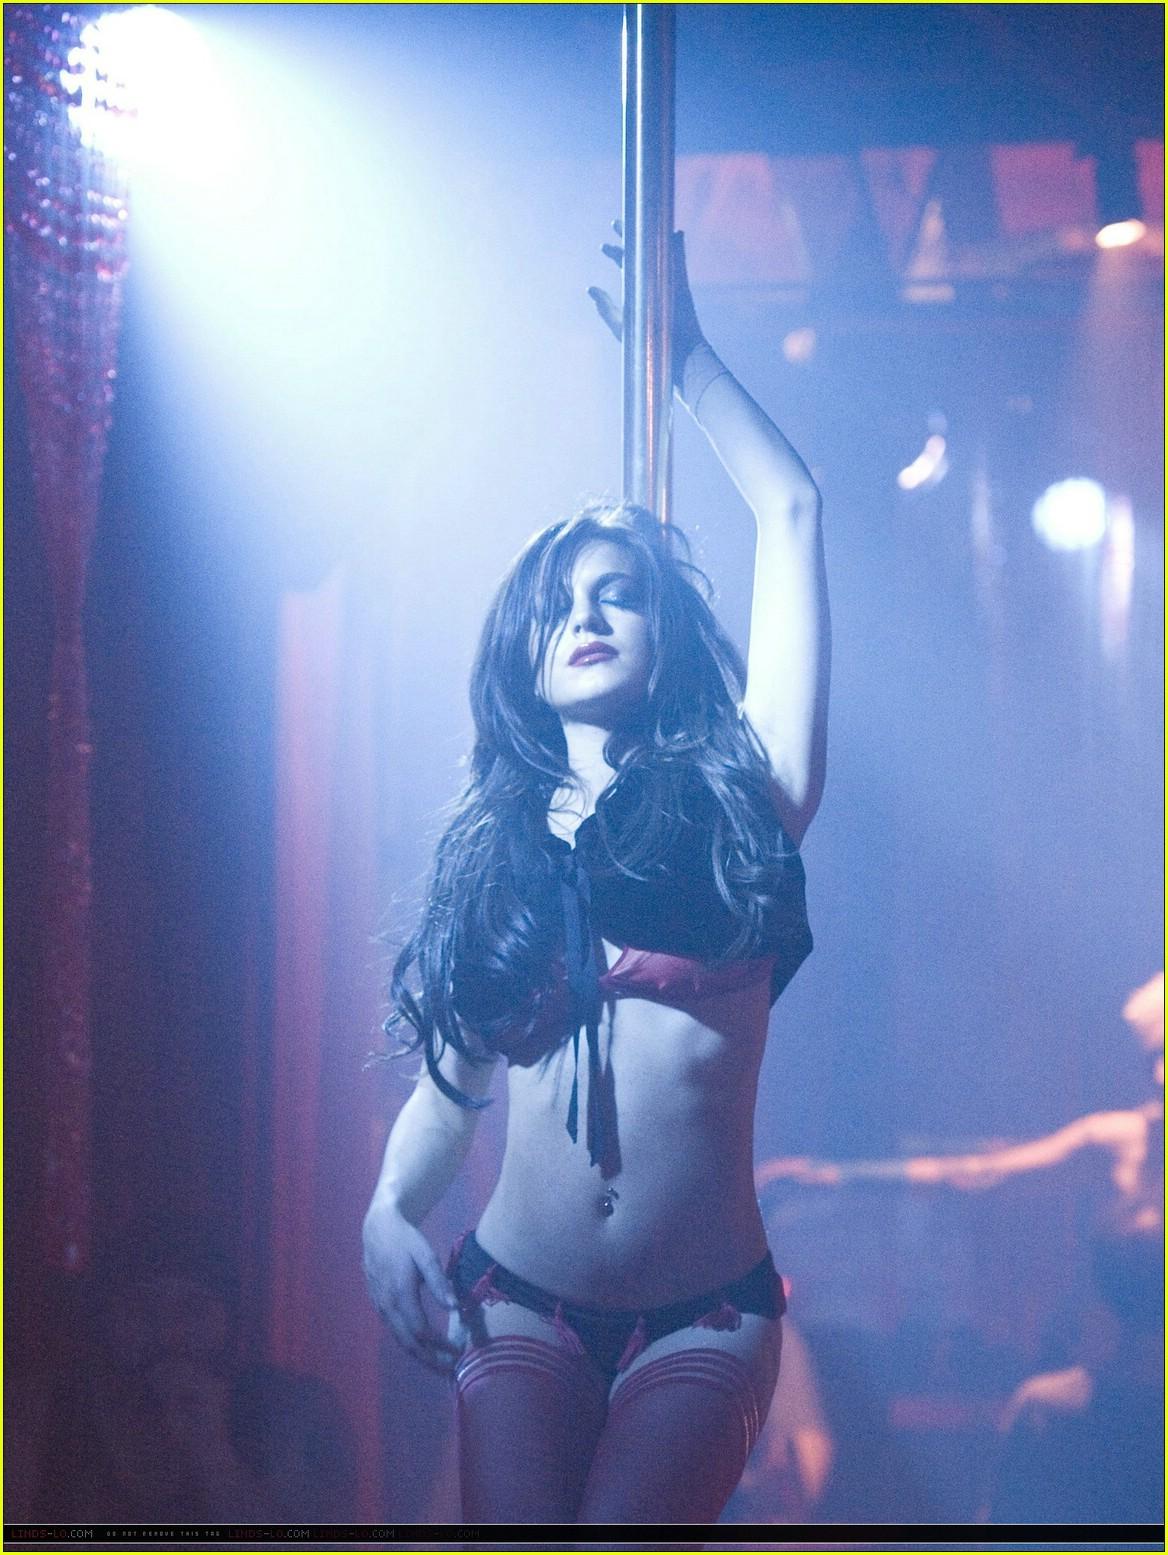 Kino: Lindsay Lohan als Stripperin ohne Bein - WELT